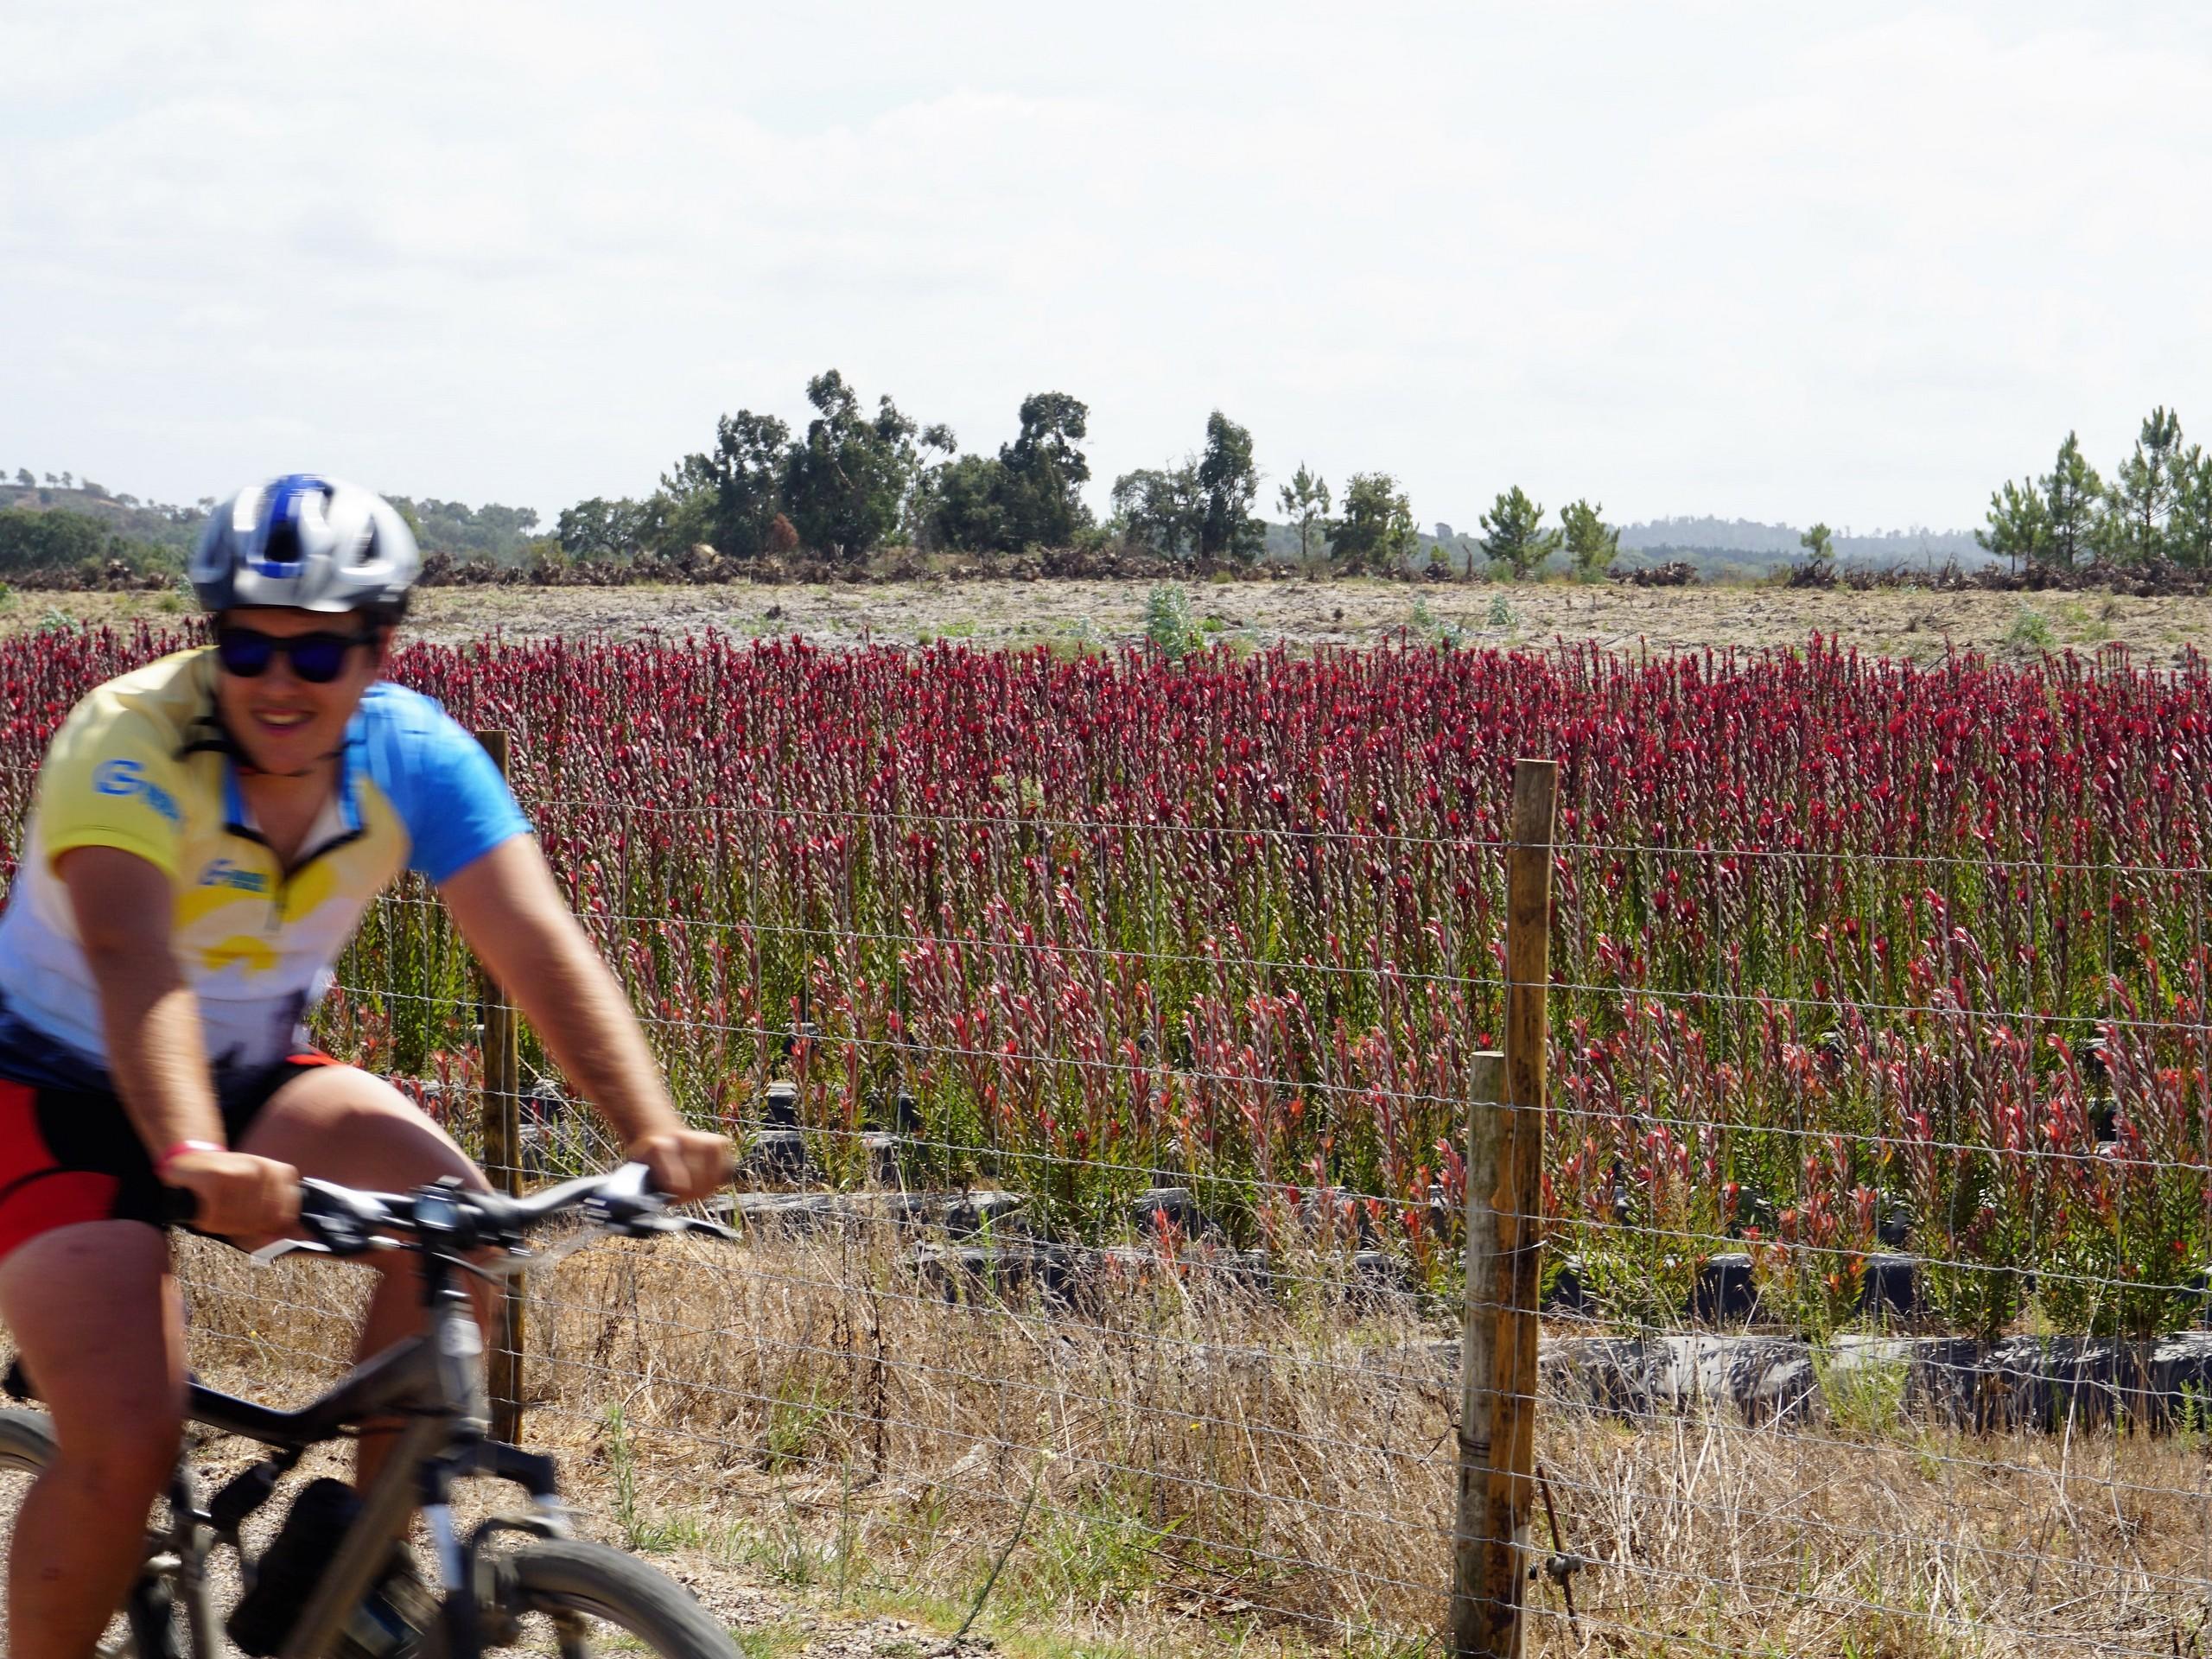 Cycling in Zambujeira, Portugal